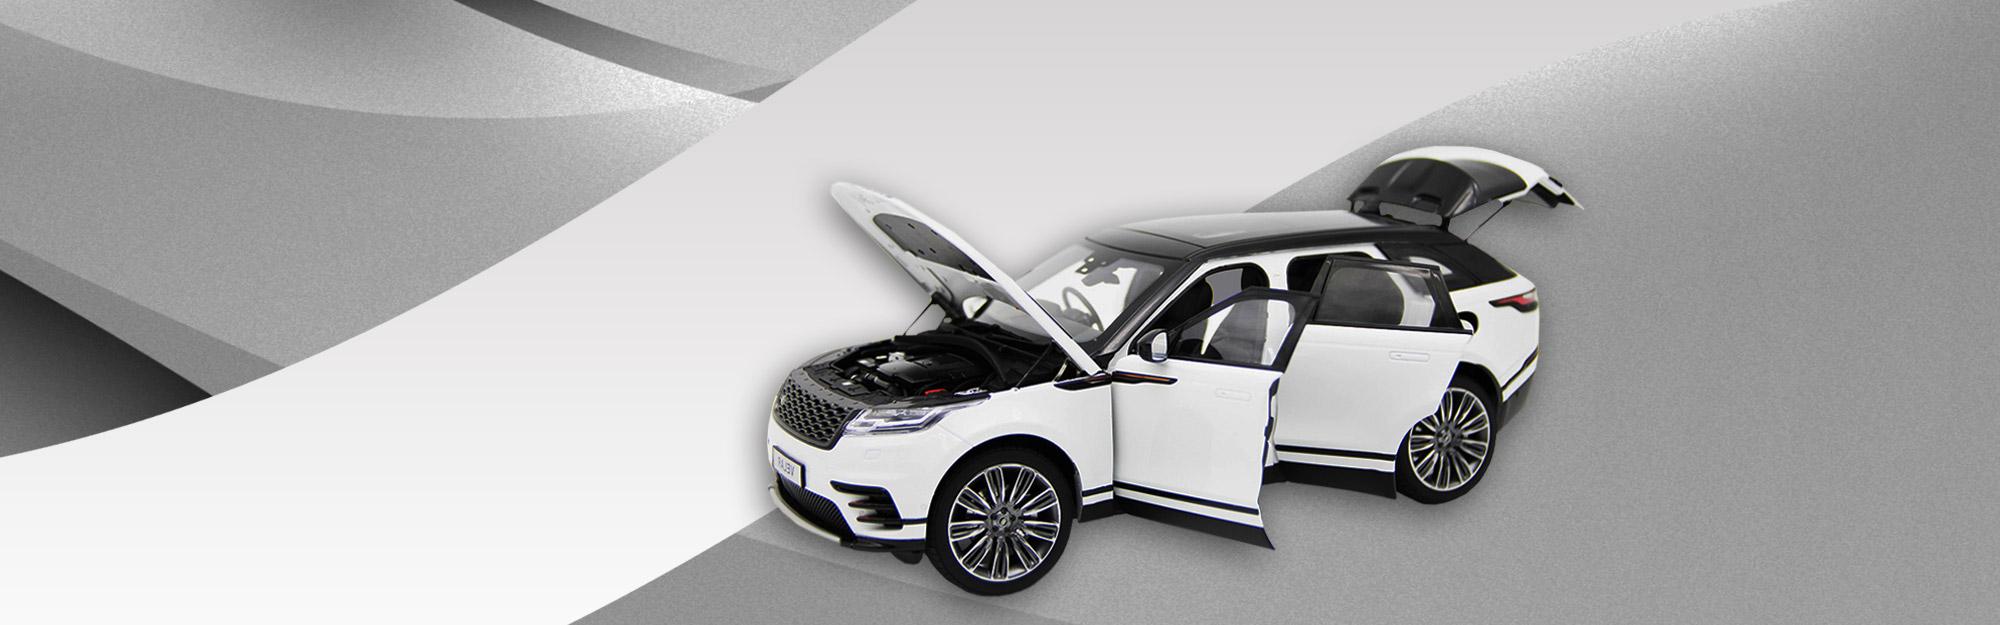 Land Rover Range Rover Velar White 2018 slide